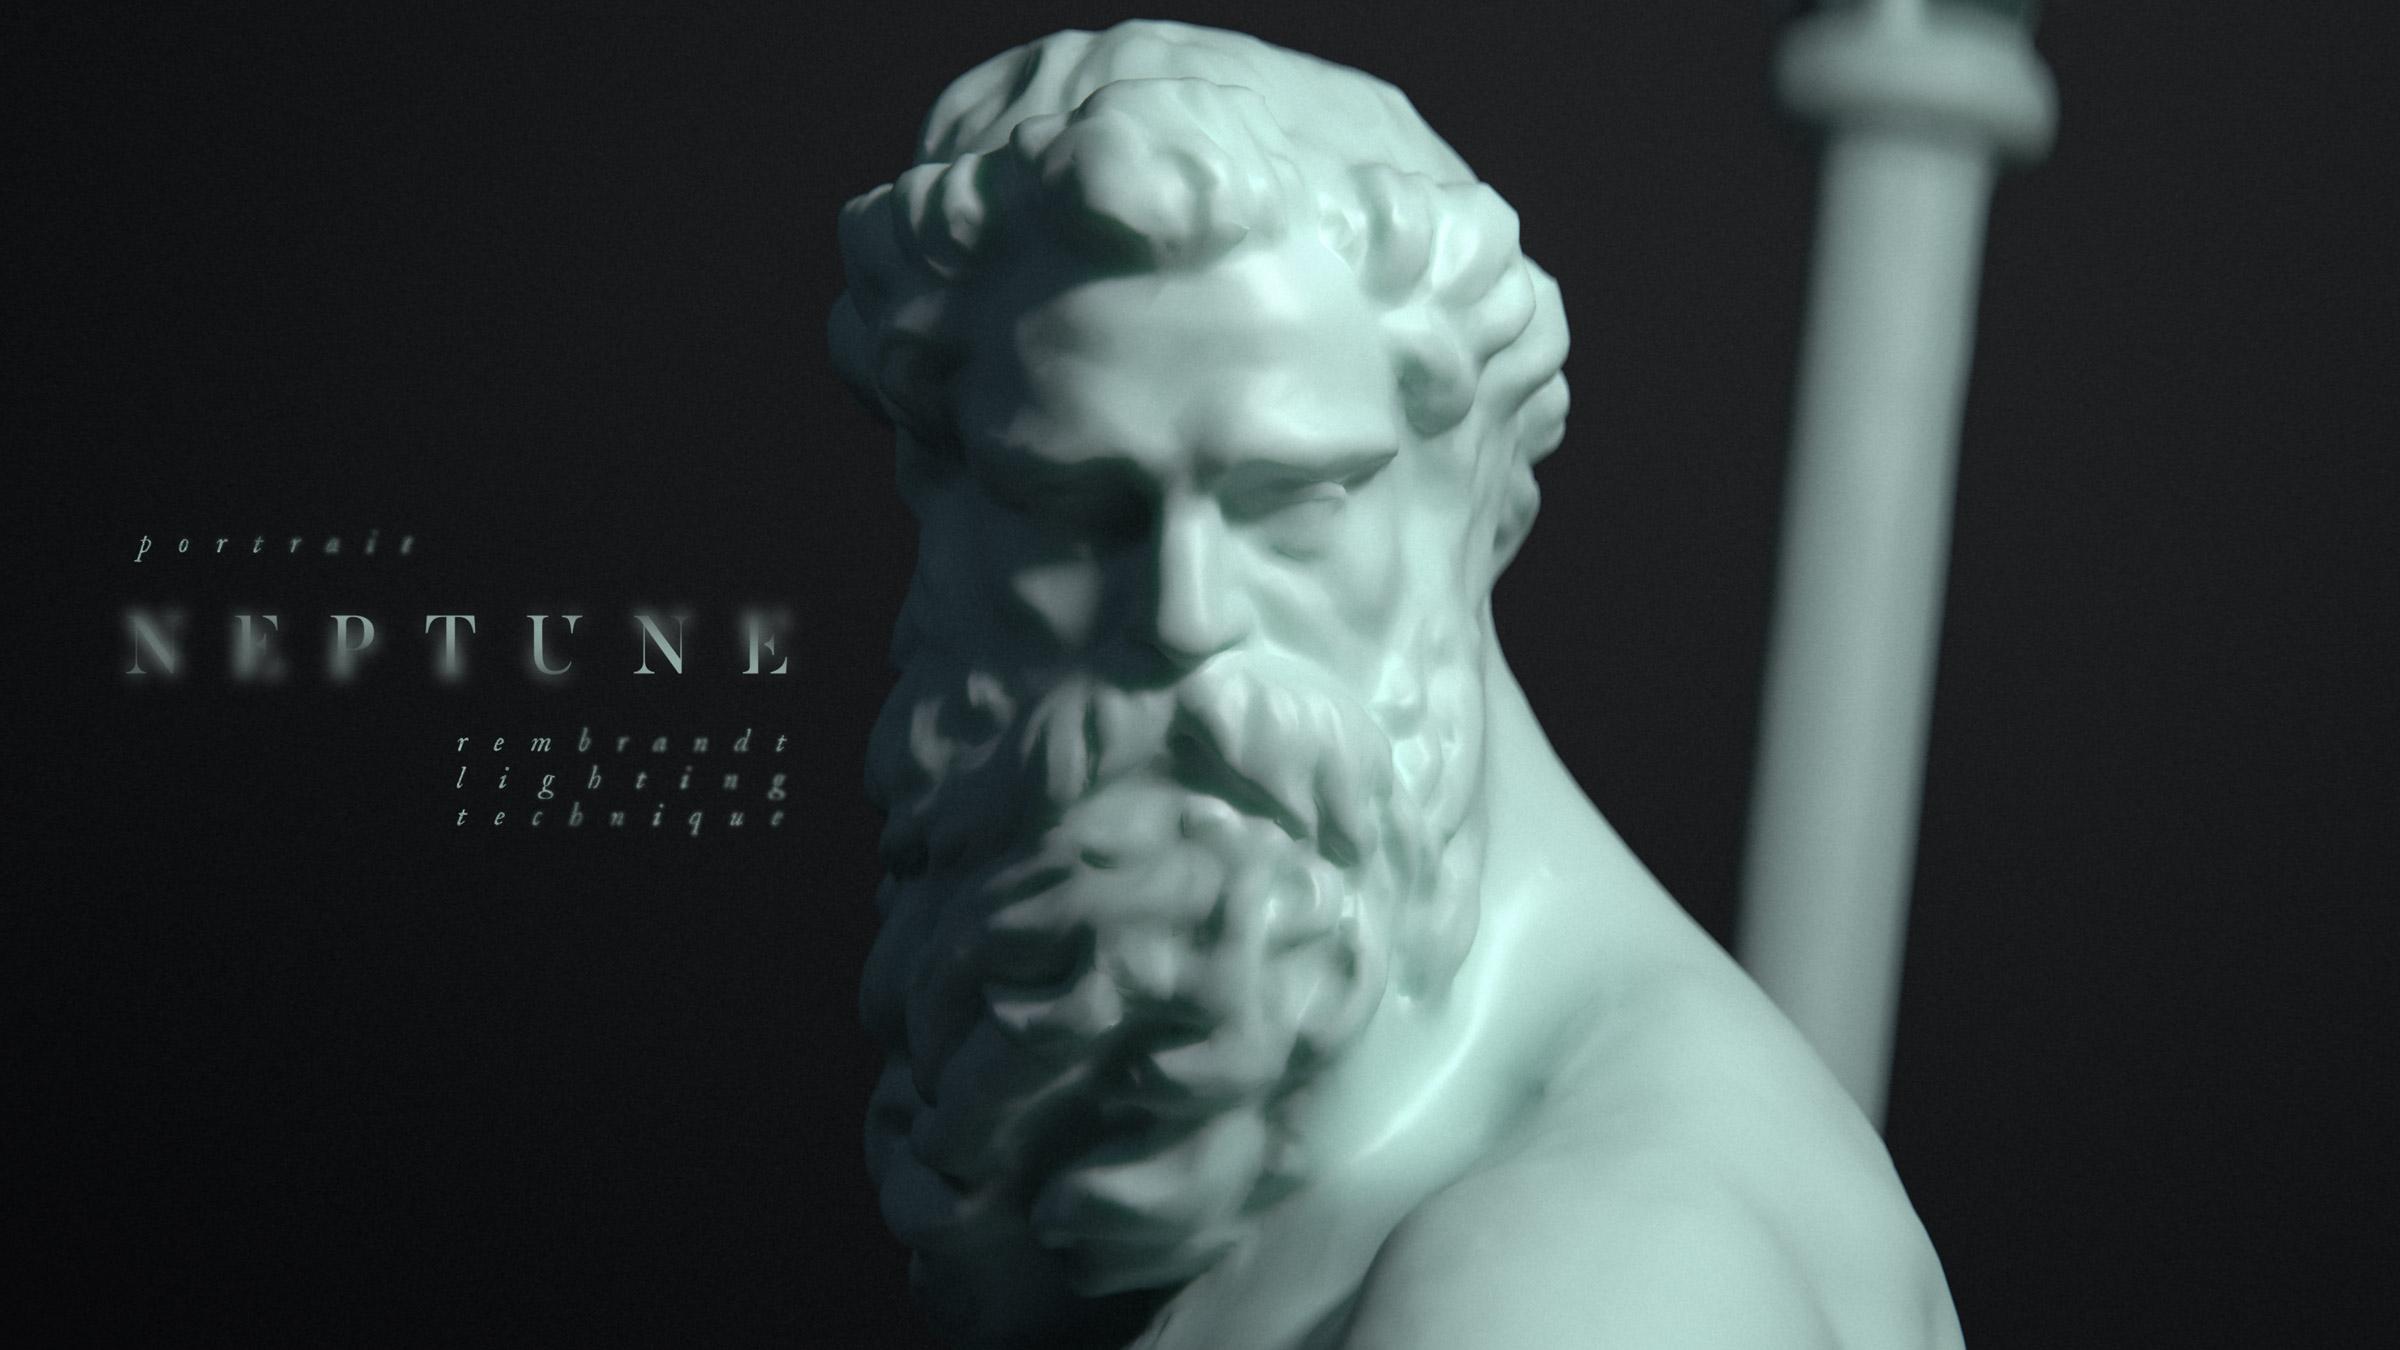 Neptune1.jpg — yaky.me